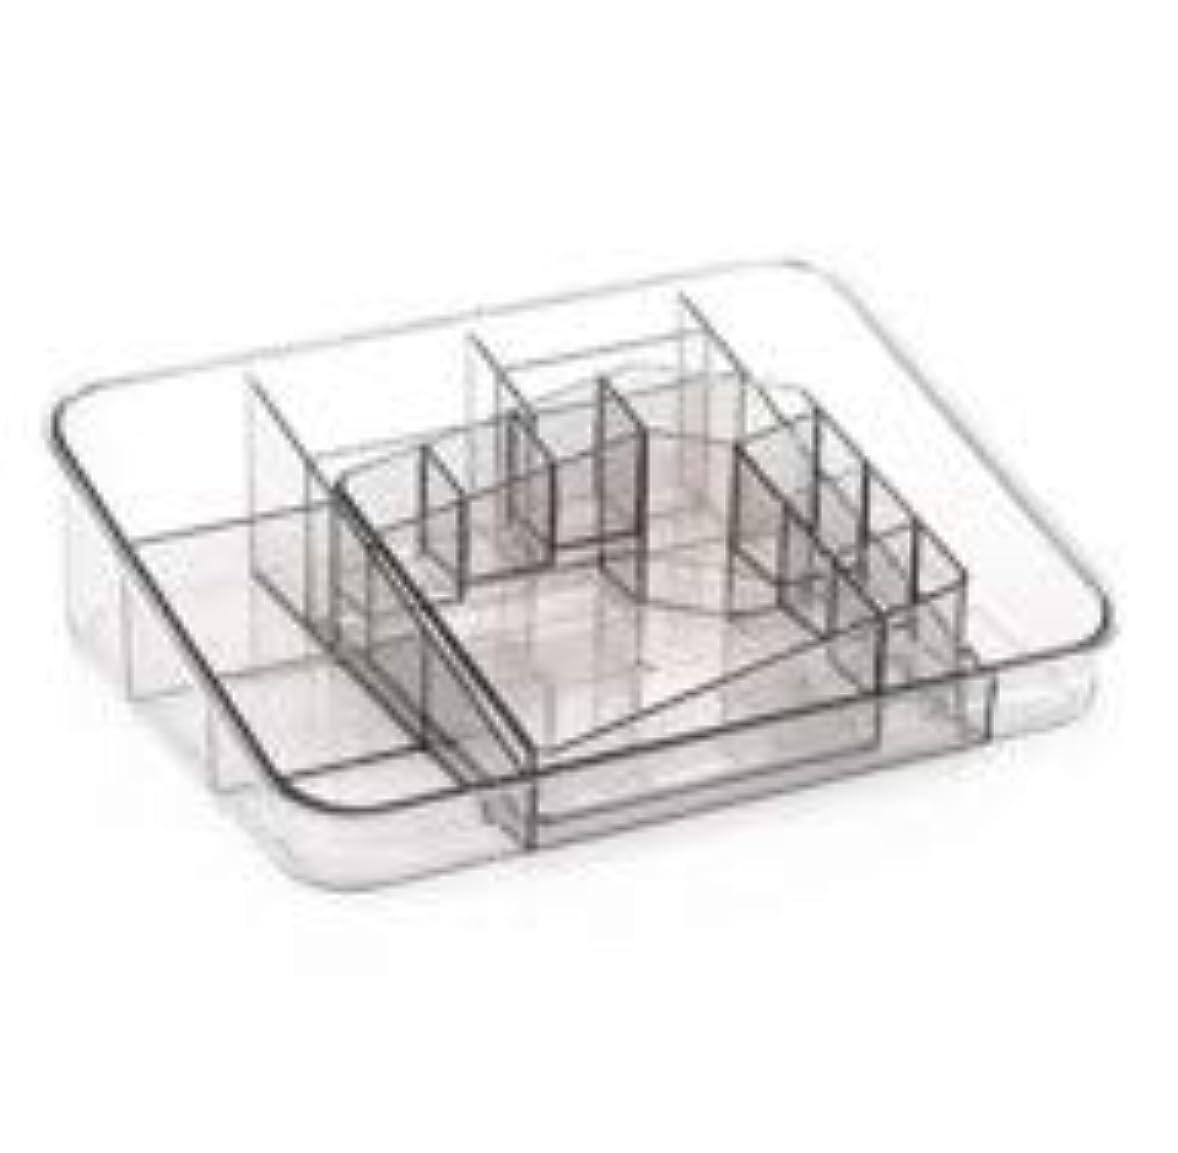 献身誘惑物理的に透明アクリル化粧品収納ボックスサイズの組み合わせツーピース多分割化粧品デスクトップ仕上げボックス (Color : グレー)